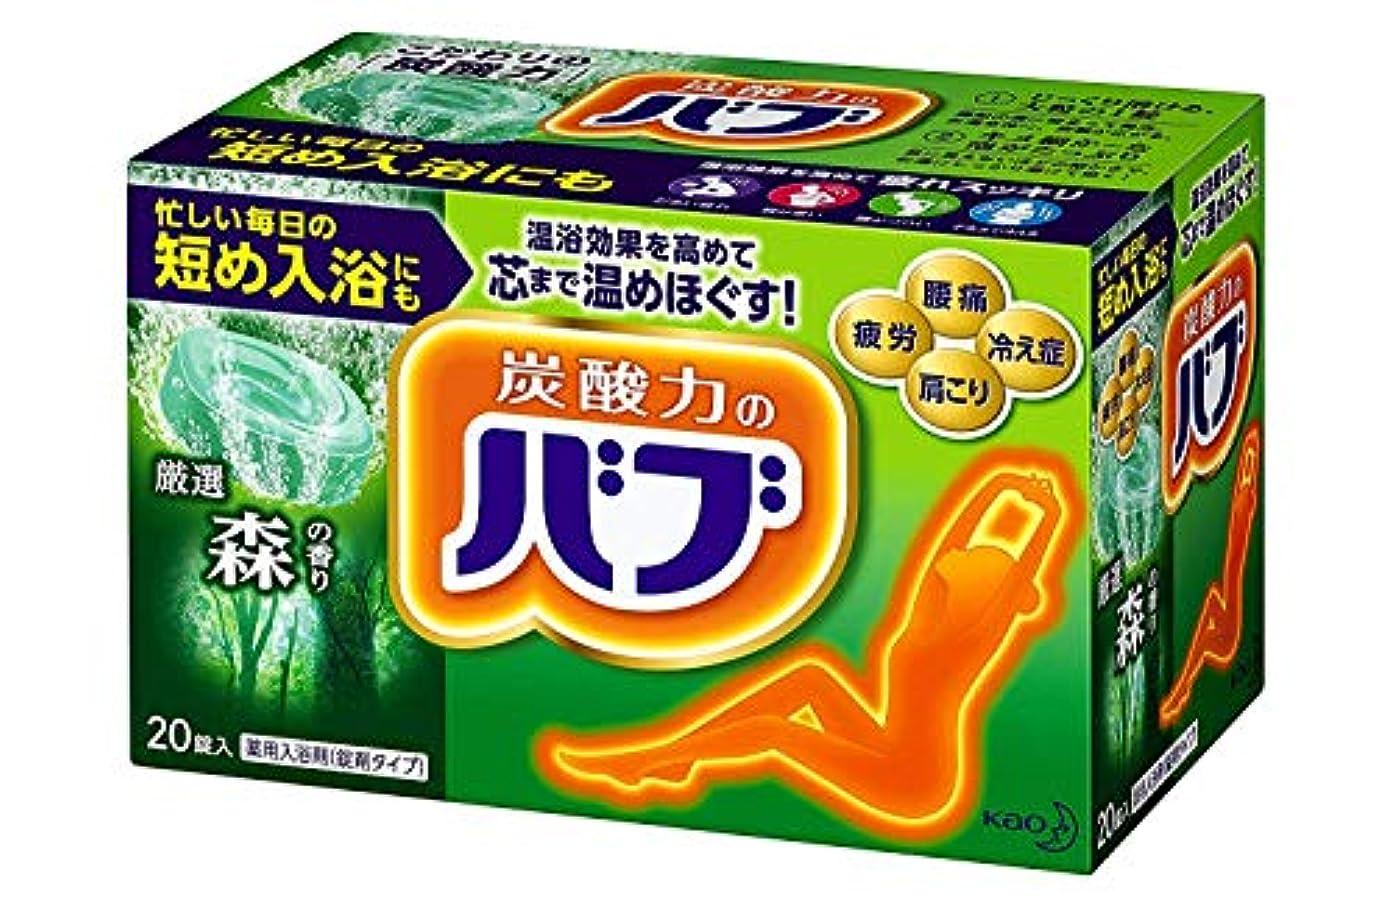 ネズミソートインタビュー【花王】バブ 森の香り (20錠入) ×10個セット